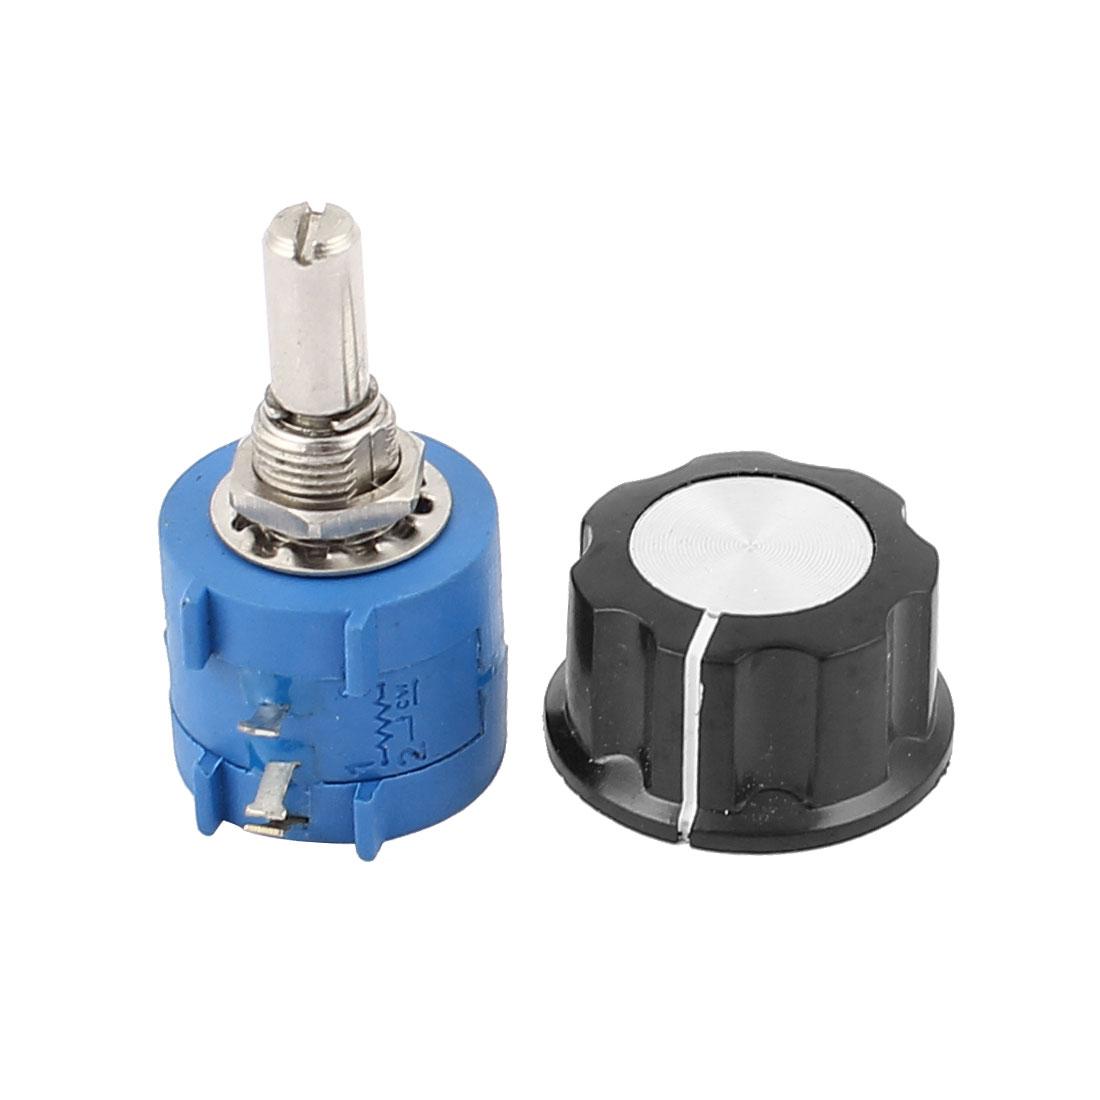 10K Ohm 6mm Shaft Diameter Rotary Wire Wound Potentiometer w Knob